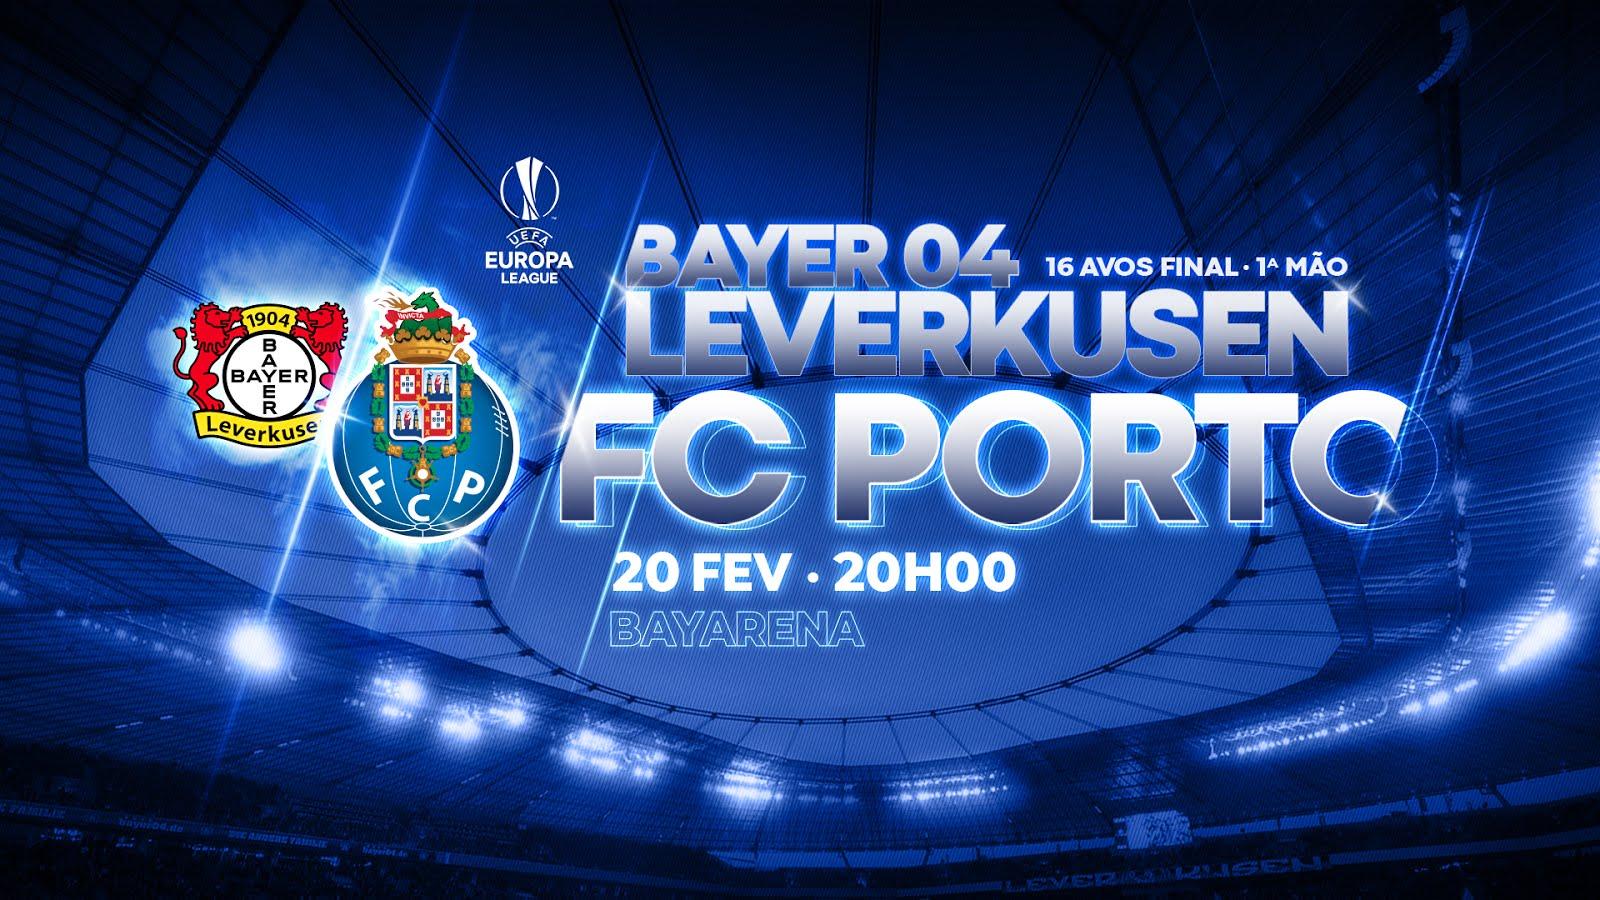 20 de fevereiro, 20h: Leverkusen